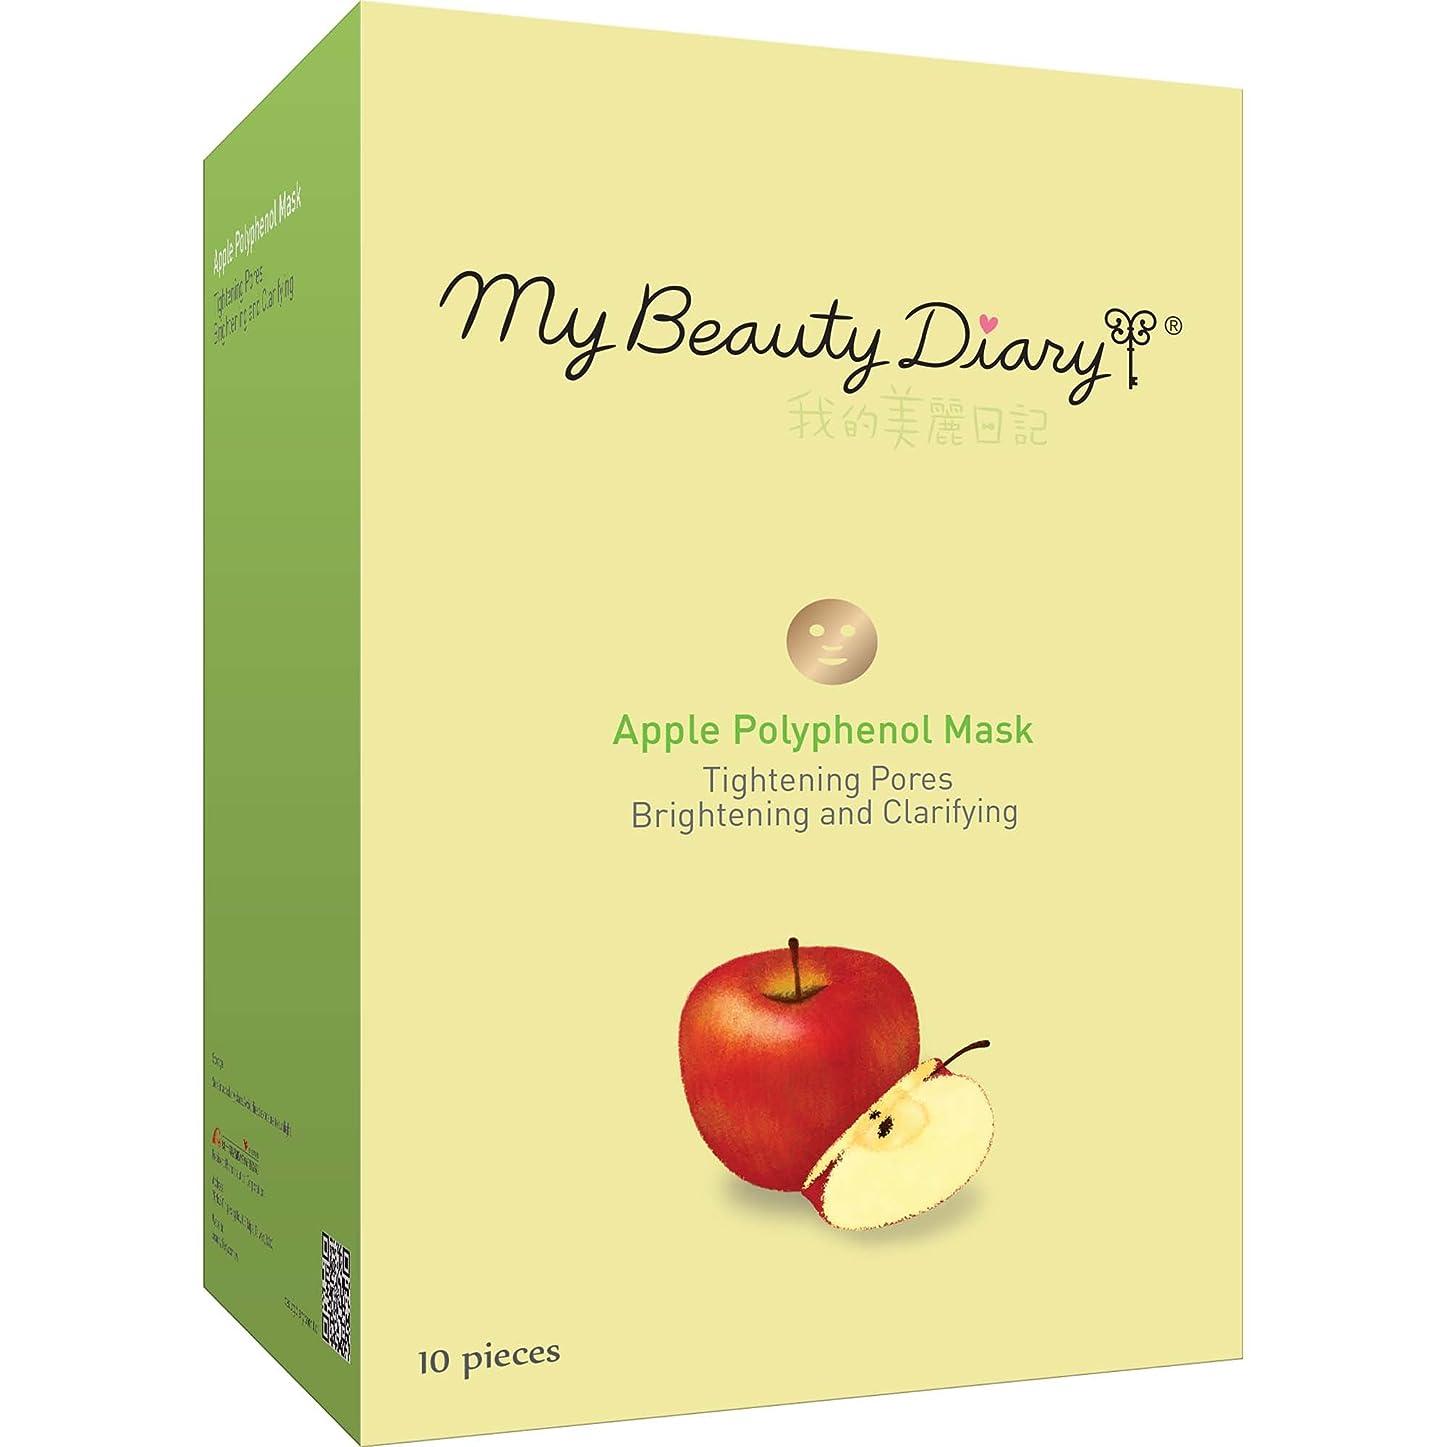 鉛筆アラブサラボ疑いMy Beauty Diary フェイシャルマスク、アップルポリフェノール2015、10カウント